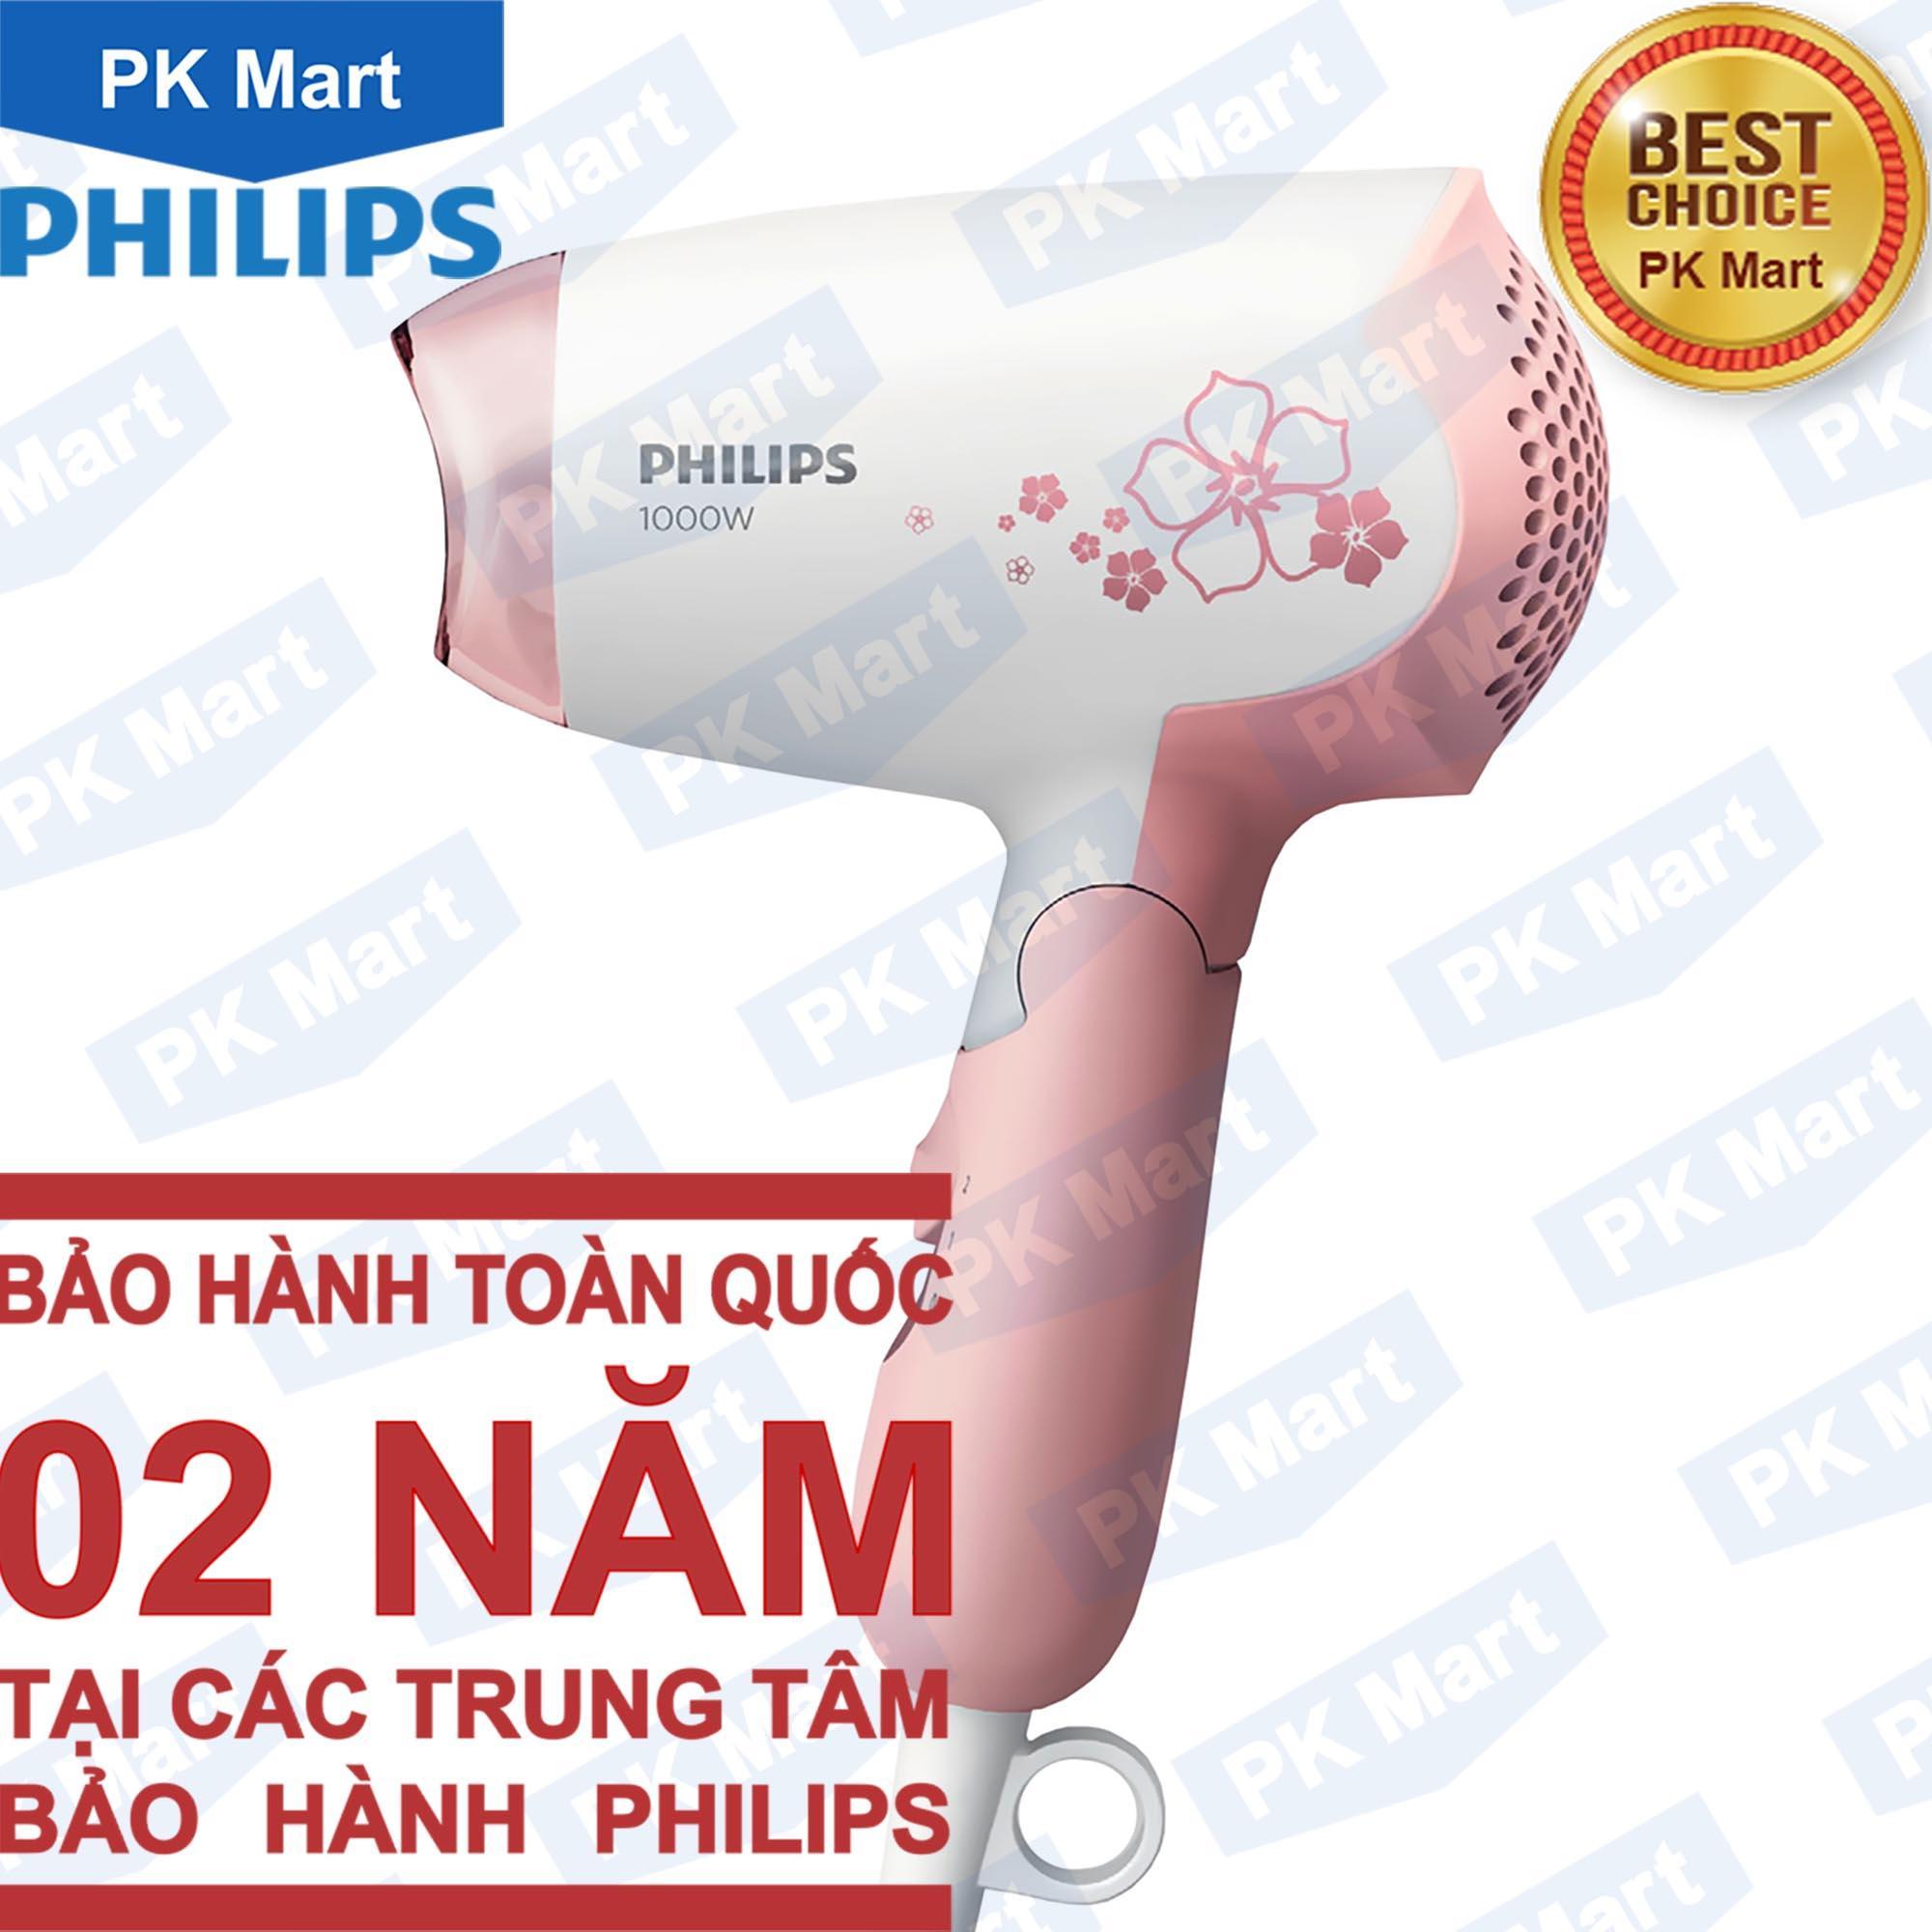 Máy sấy tóc Philips HP8108 (Hồng) nhập khẩu